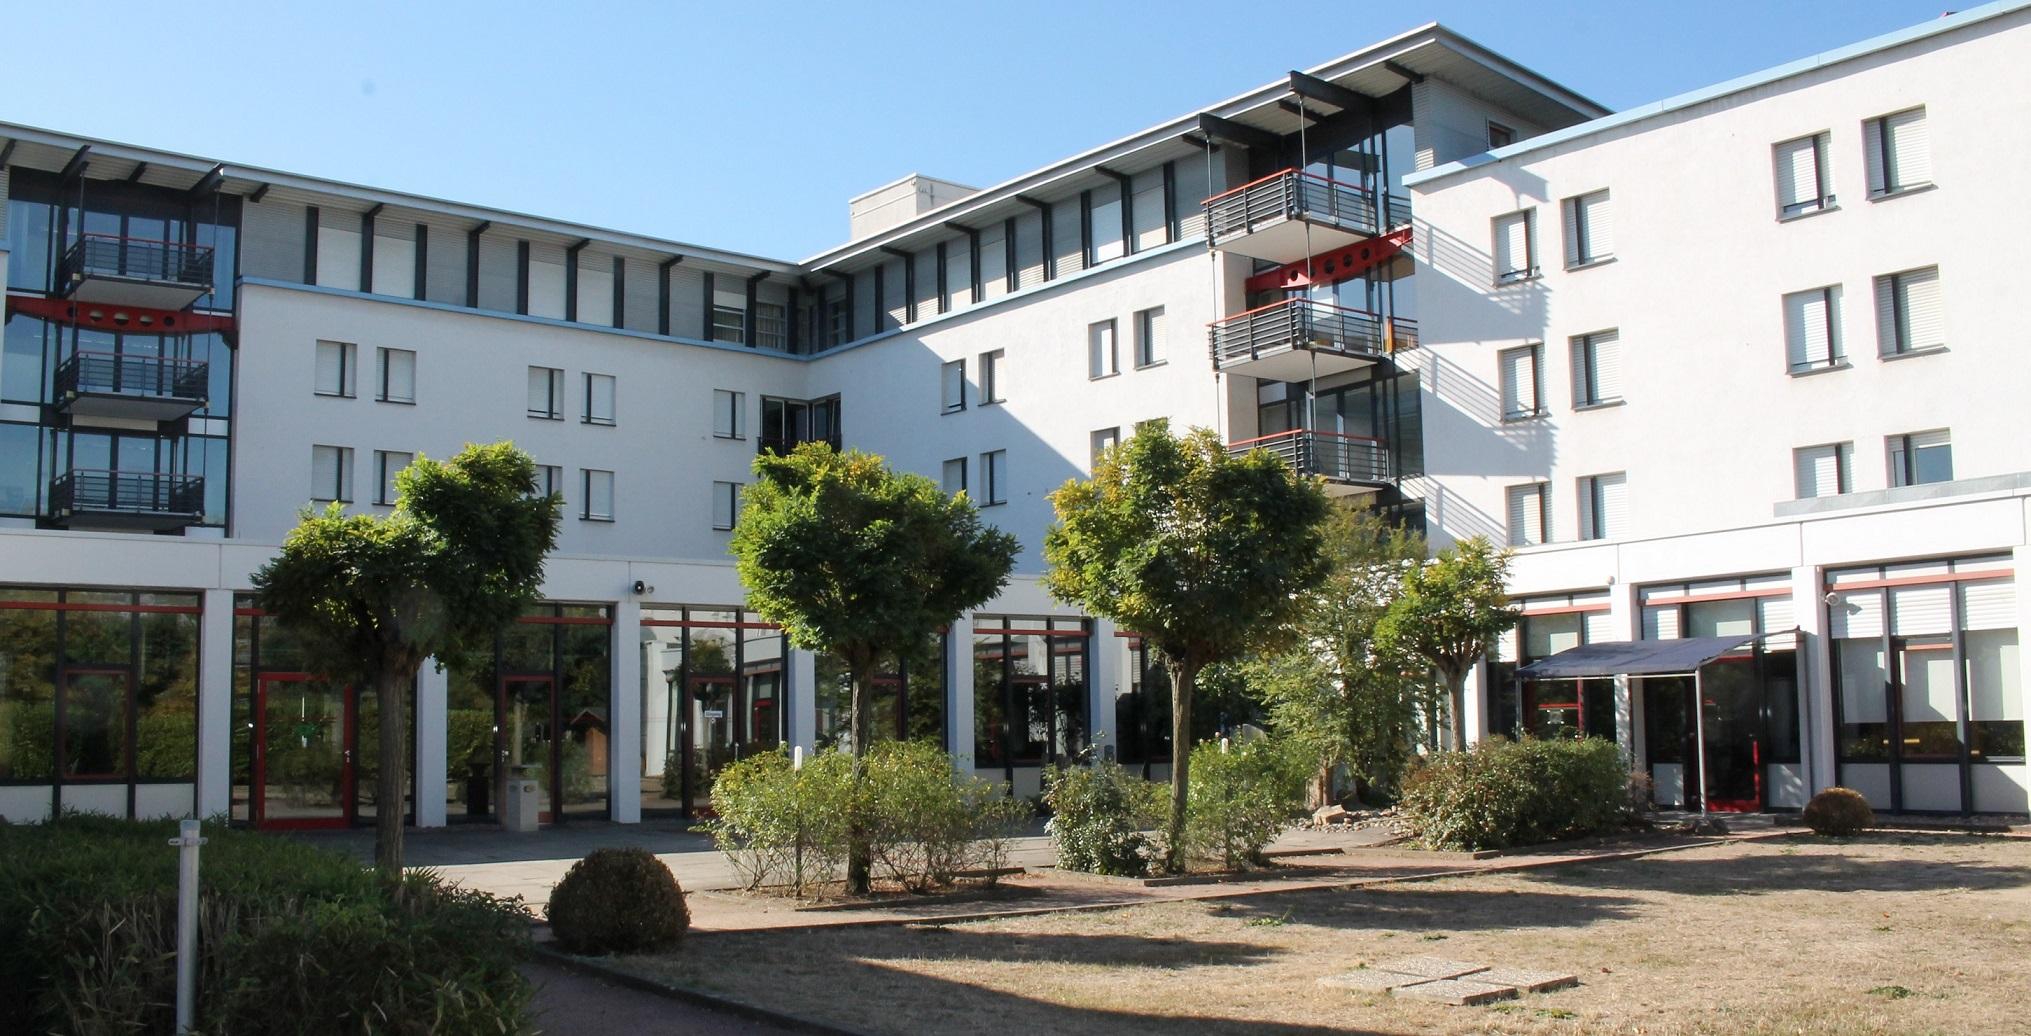 Warimpex kauft Hotel in Darmstadt